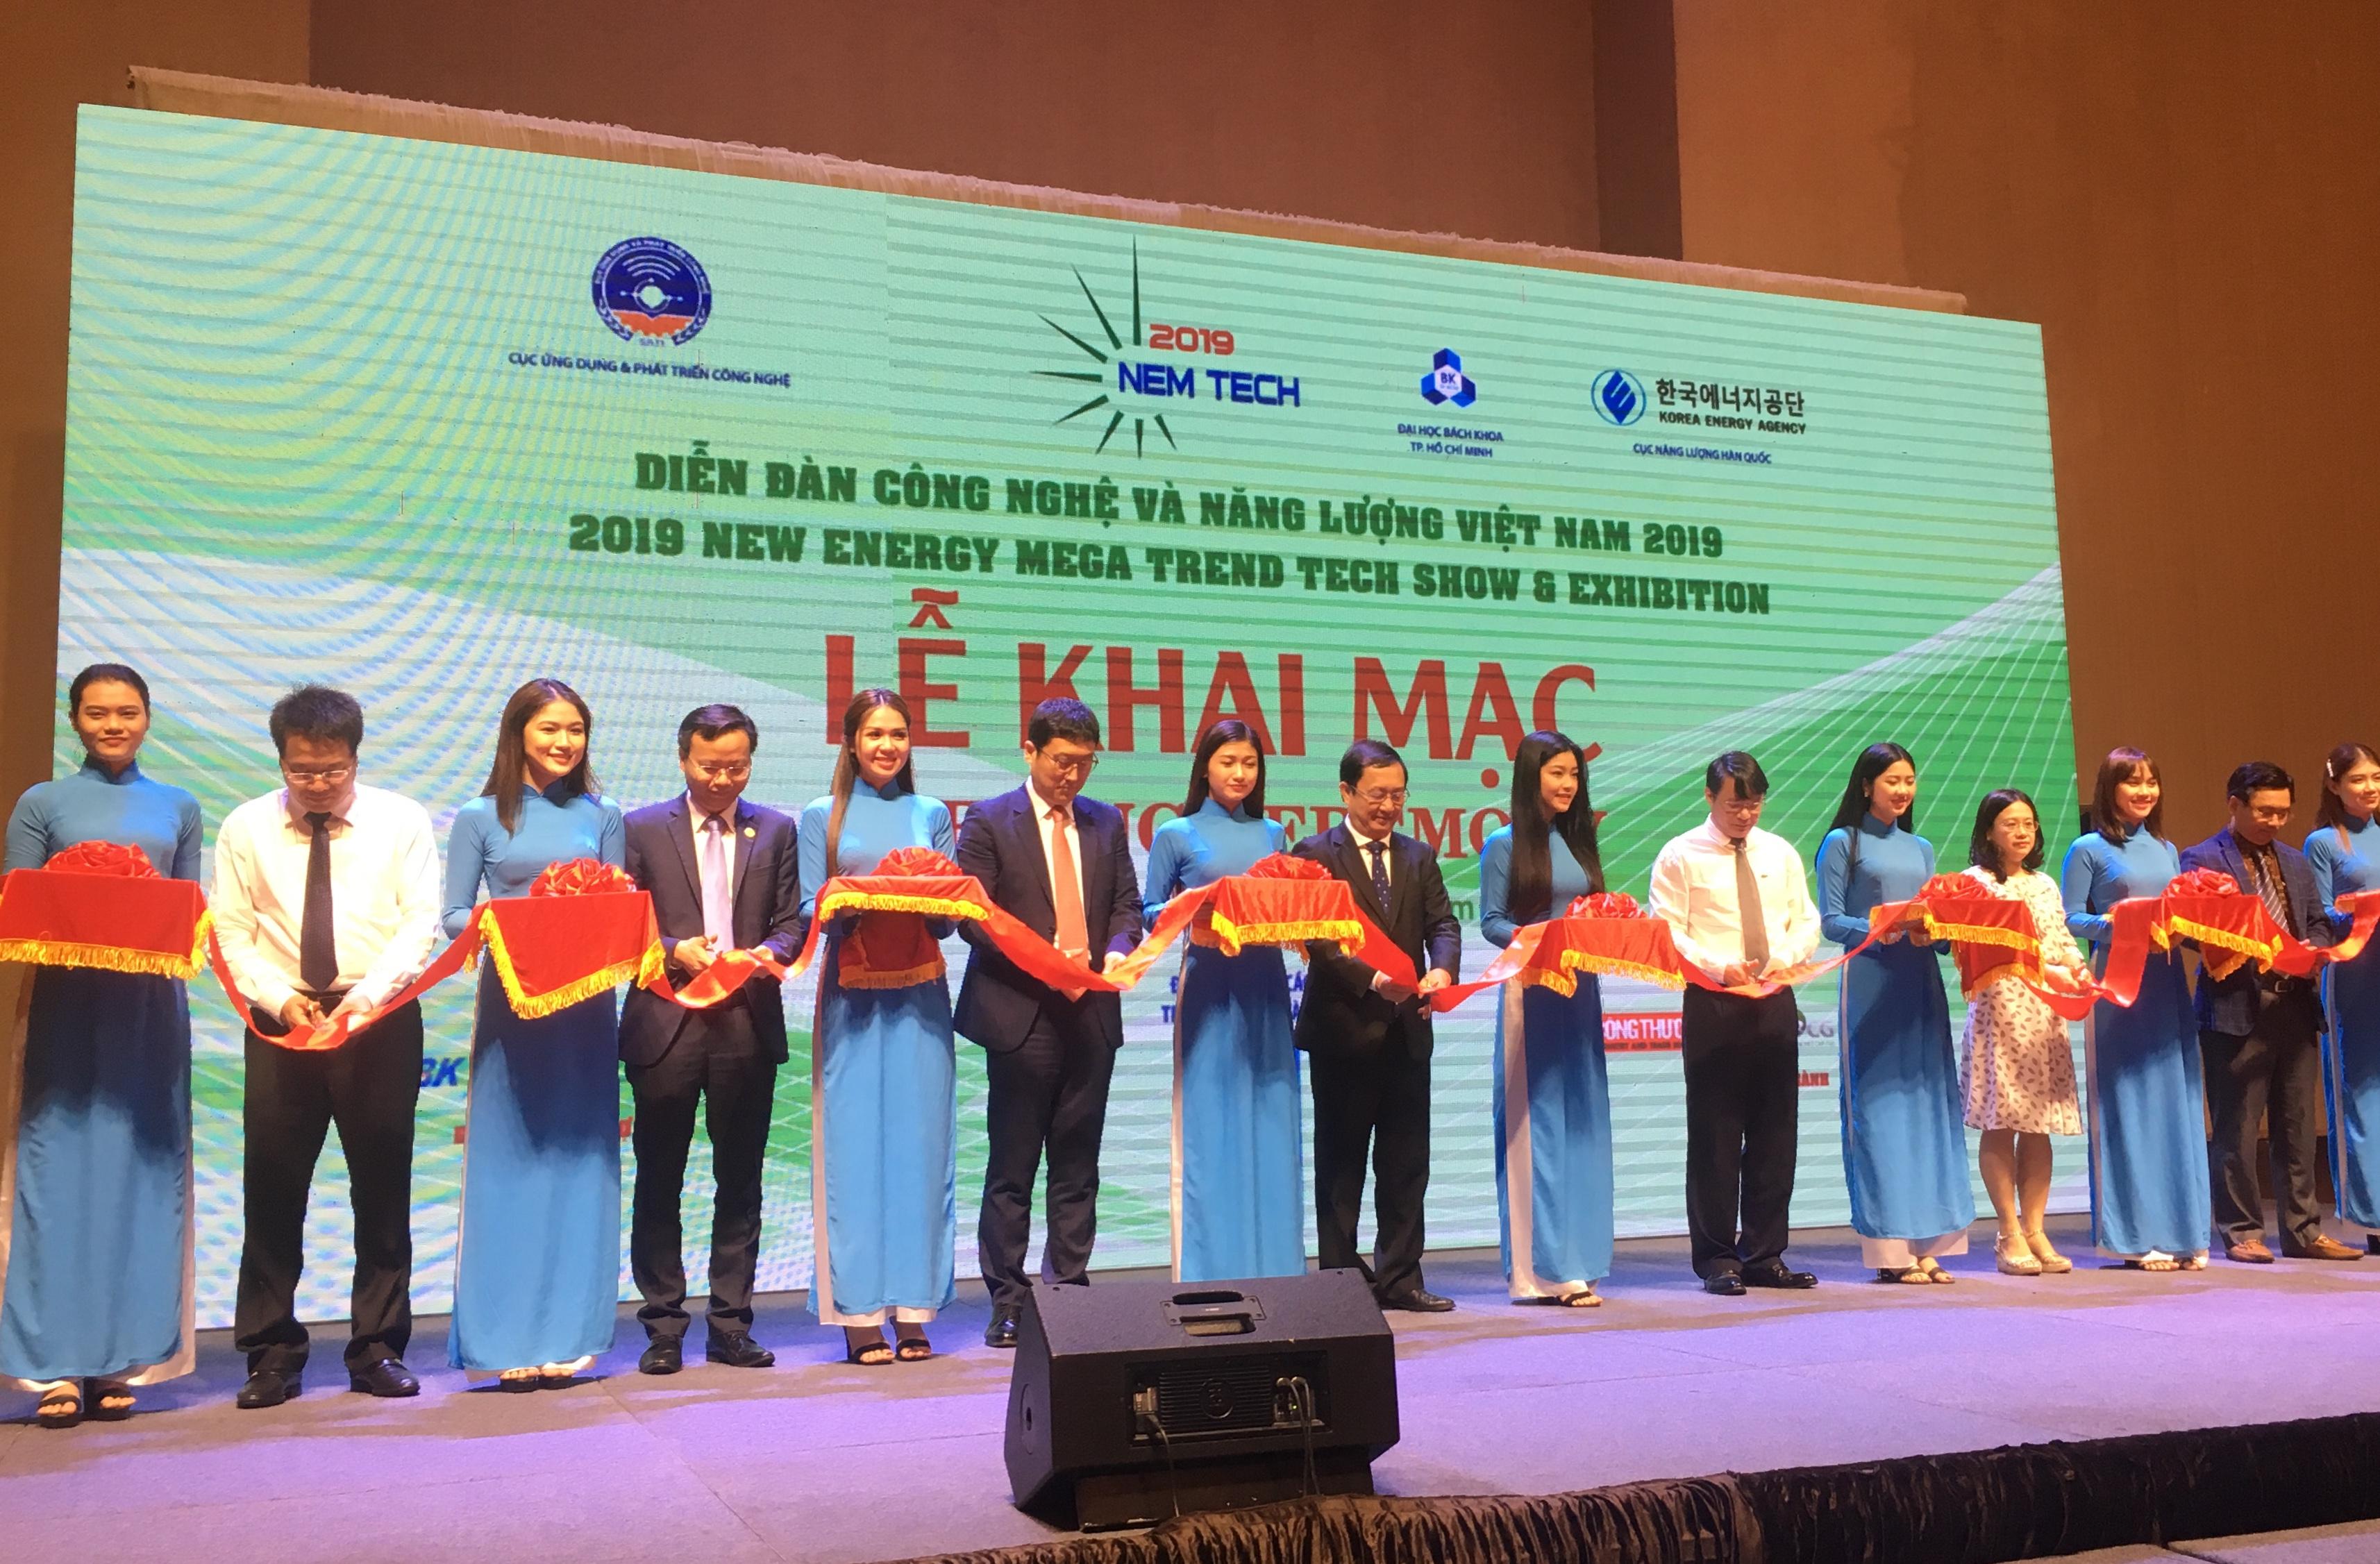 Lễ khai mạc Diễn đàn Công nghệ và Năng lượng Việt Nam năm 2019 tại TP. HCM.